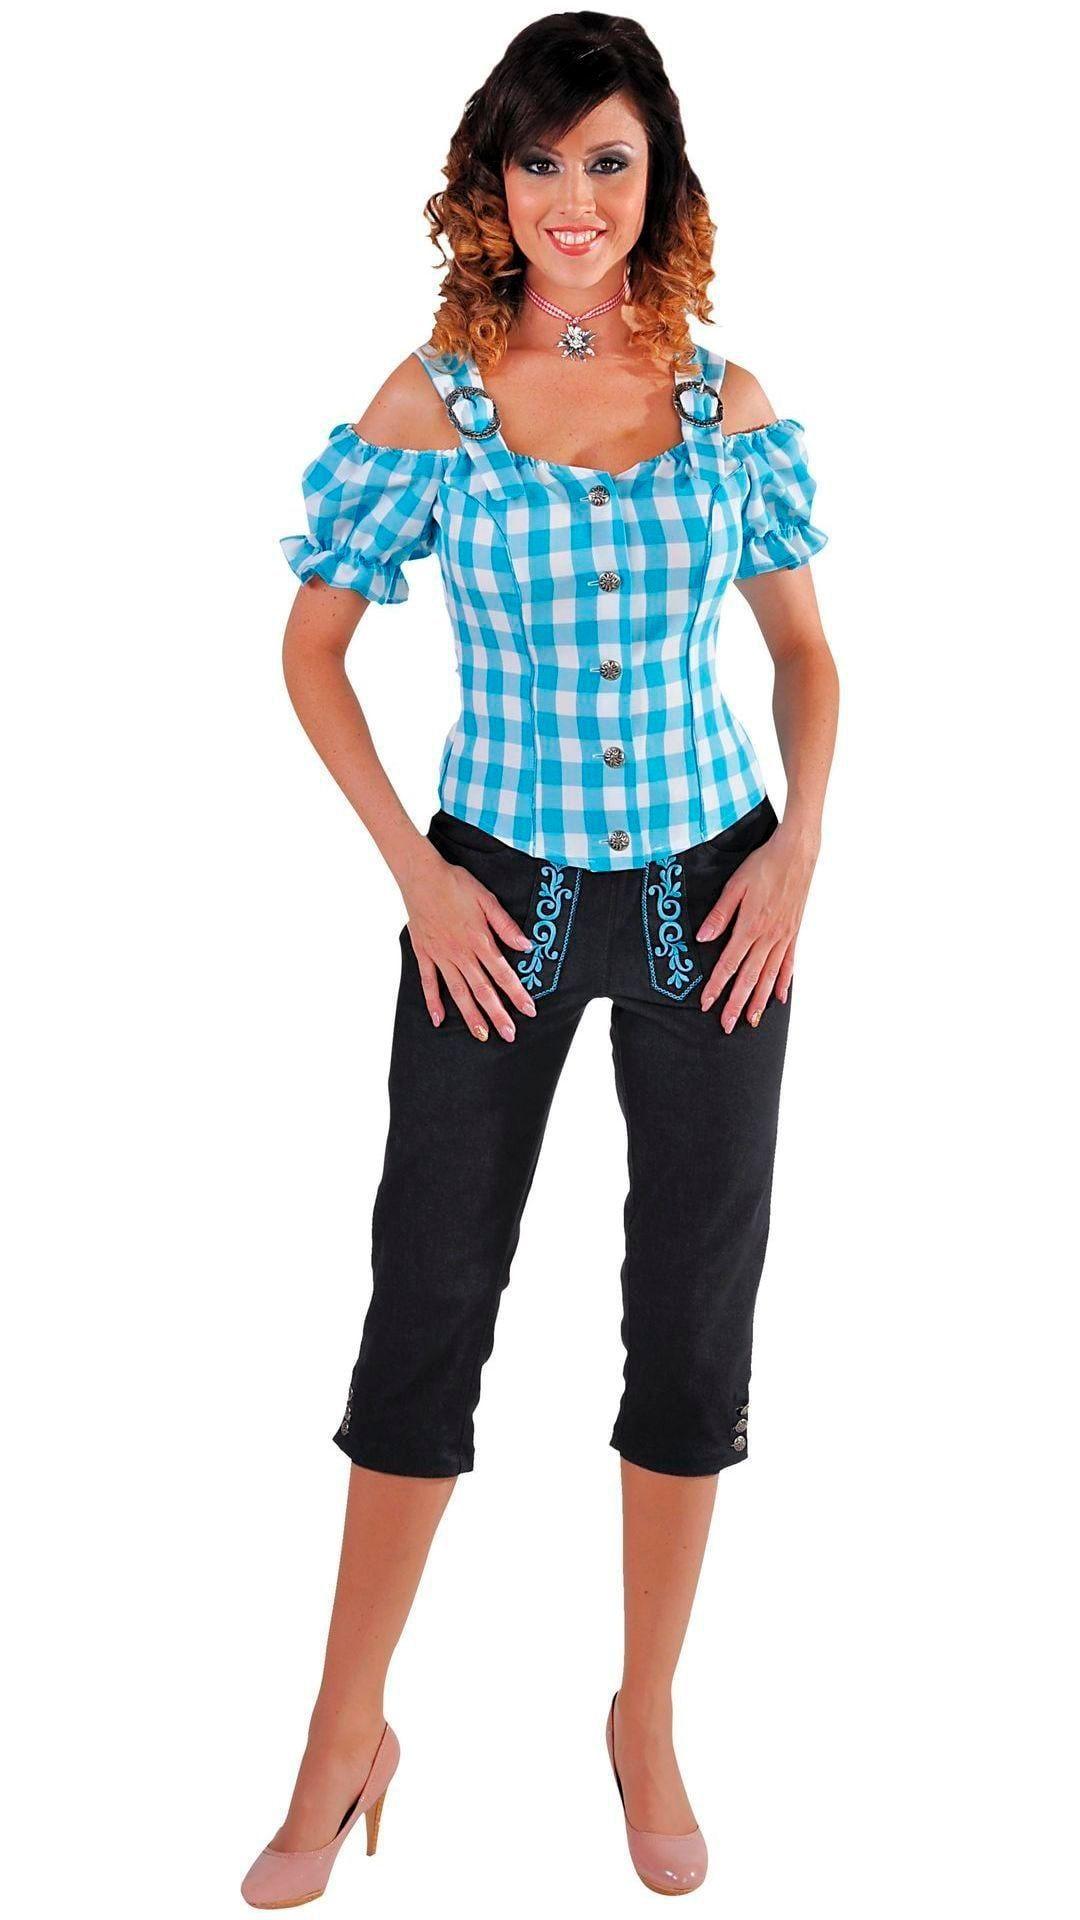 Tiroler bloesje dames blauw